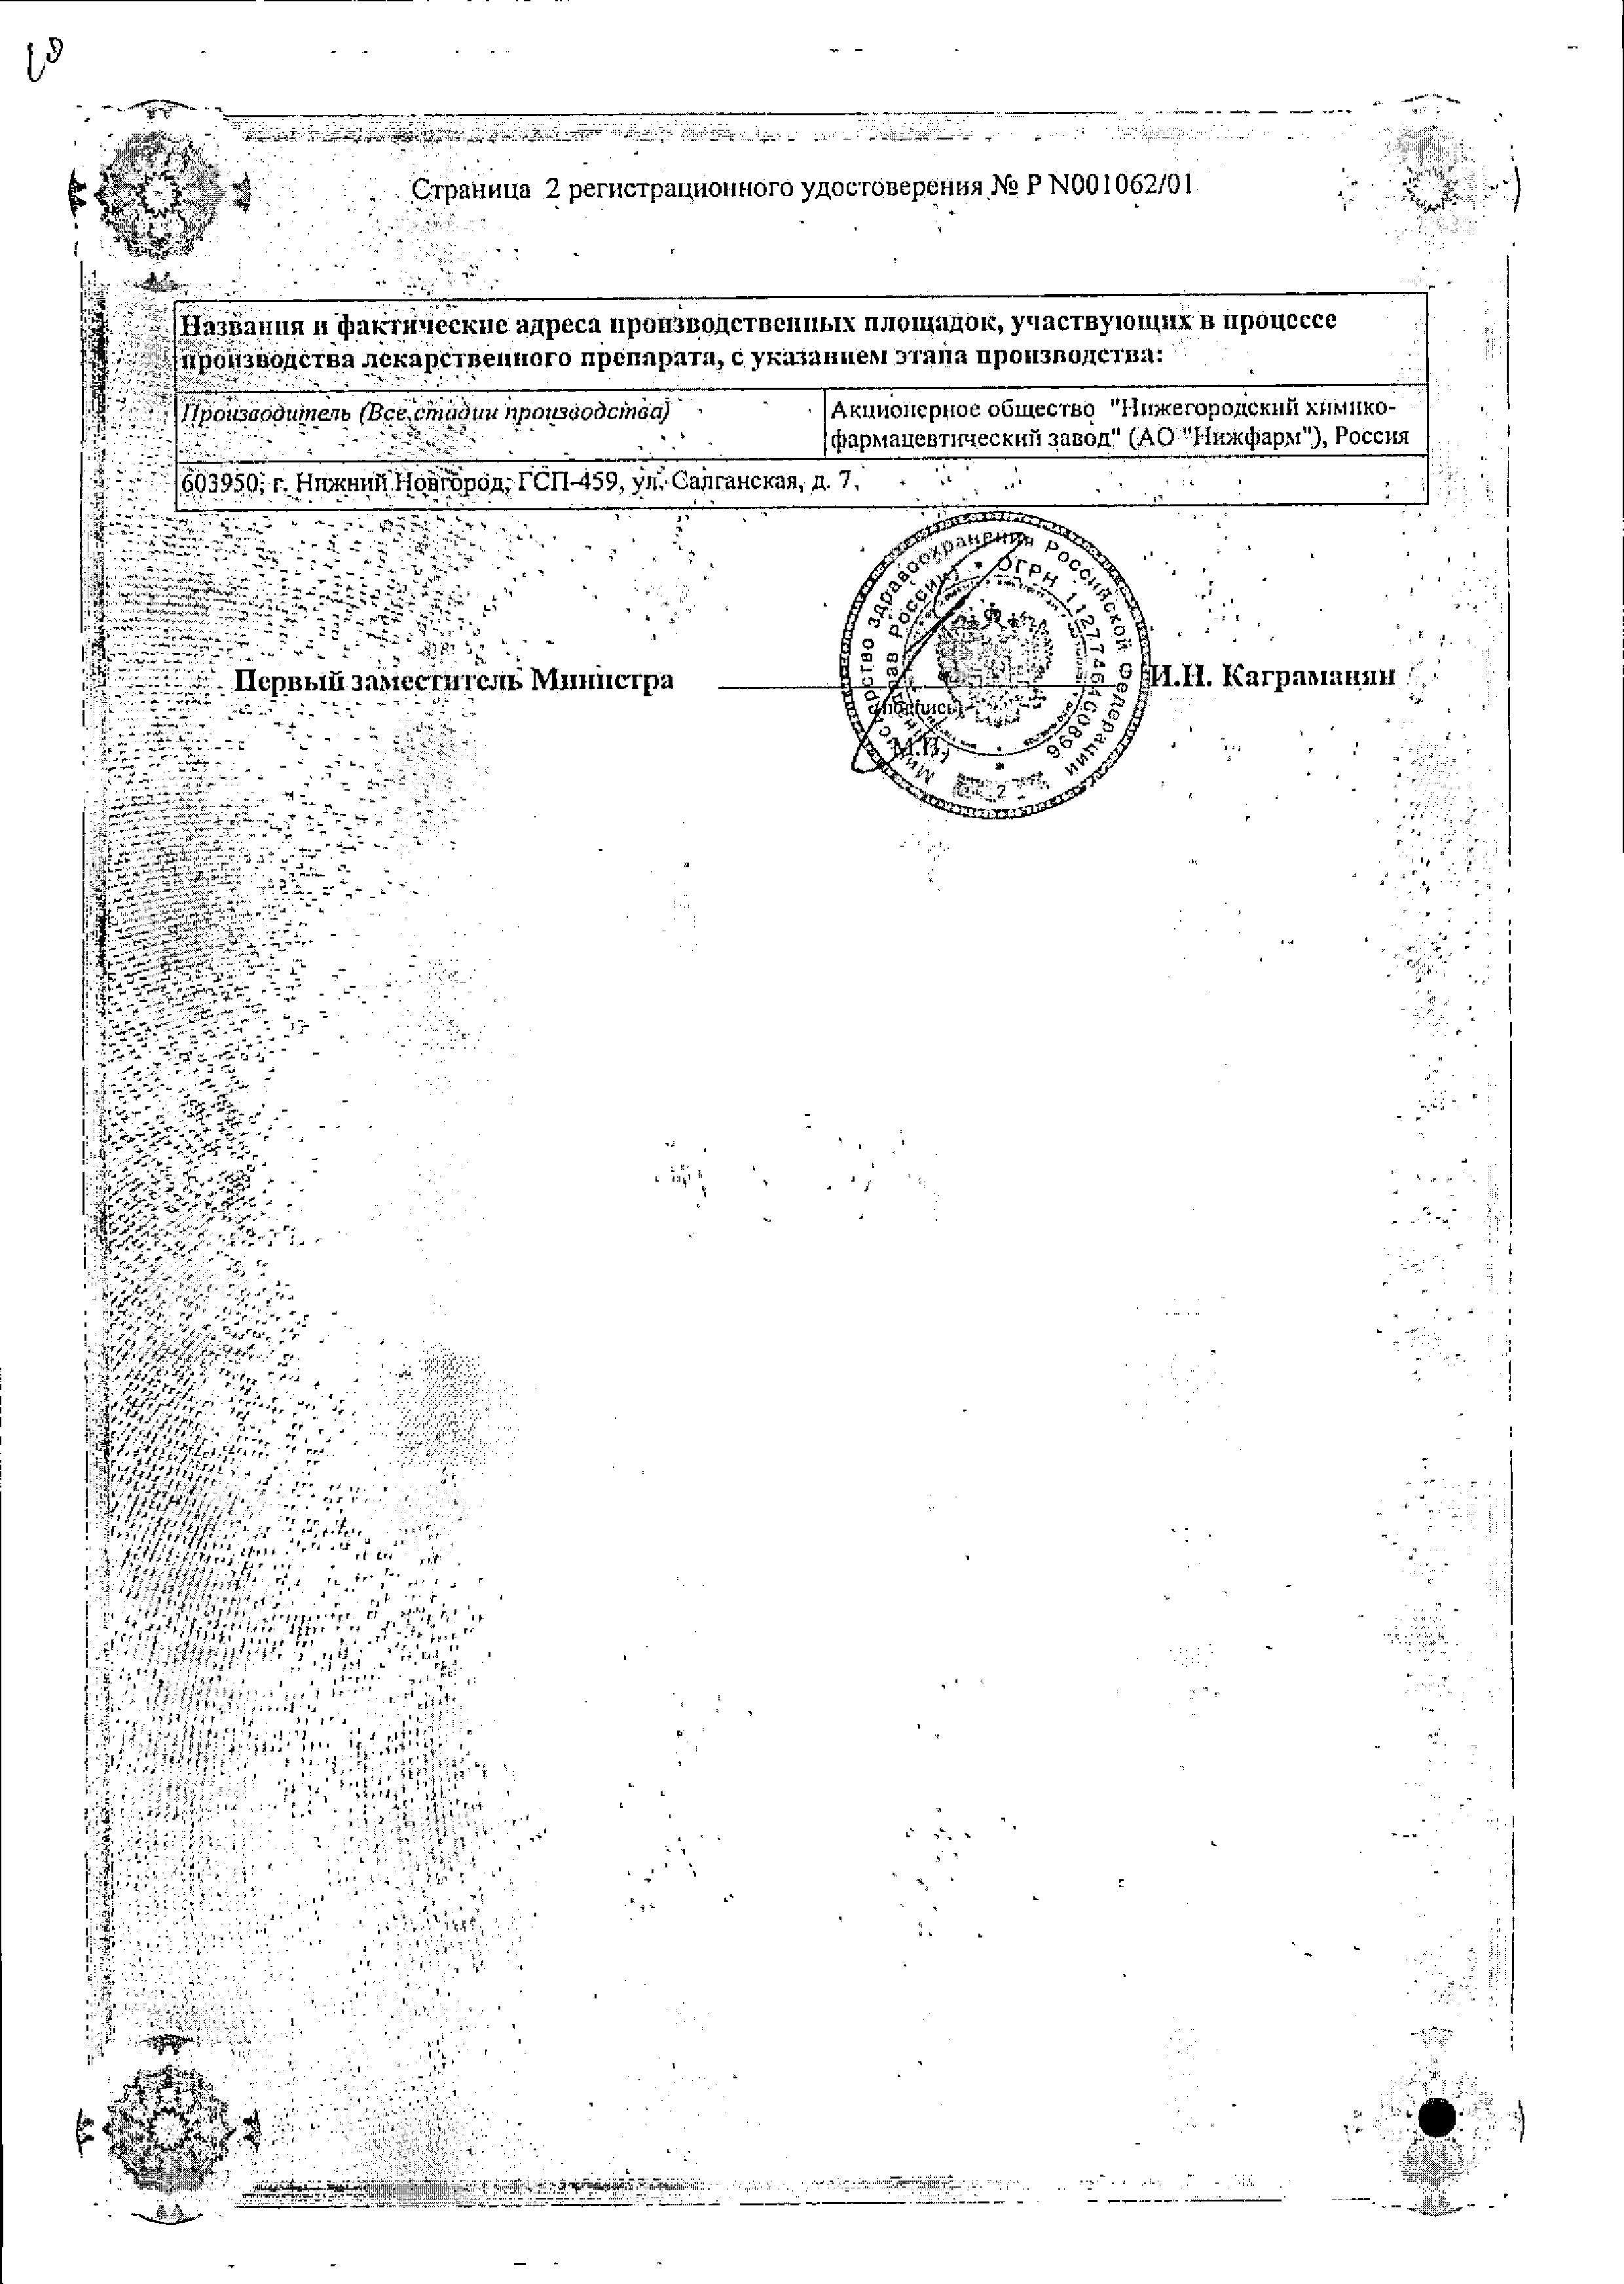 Осарбон сертификат